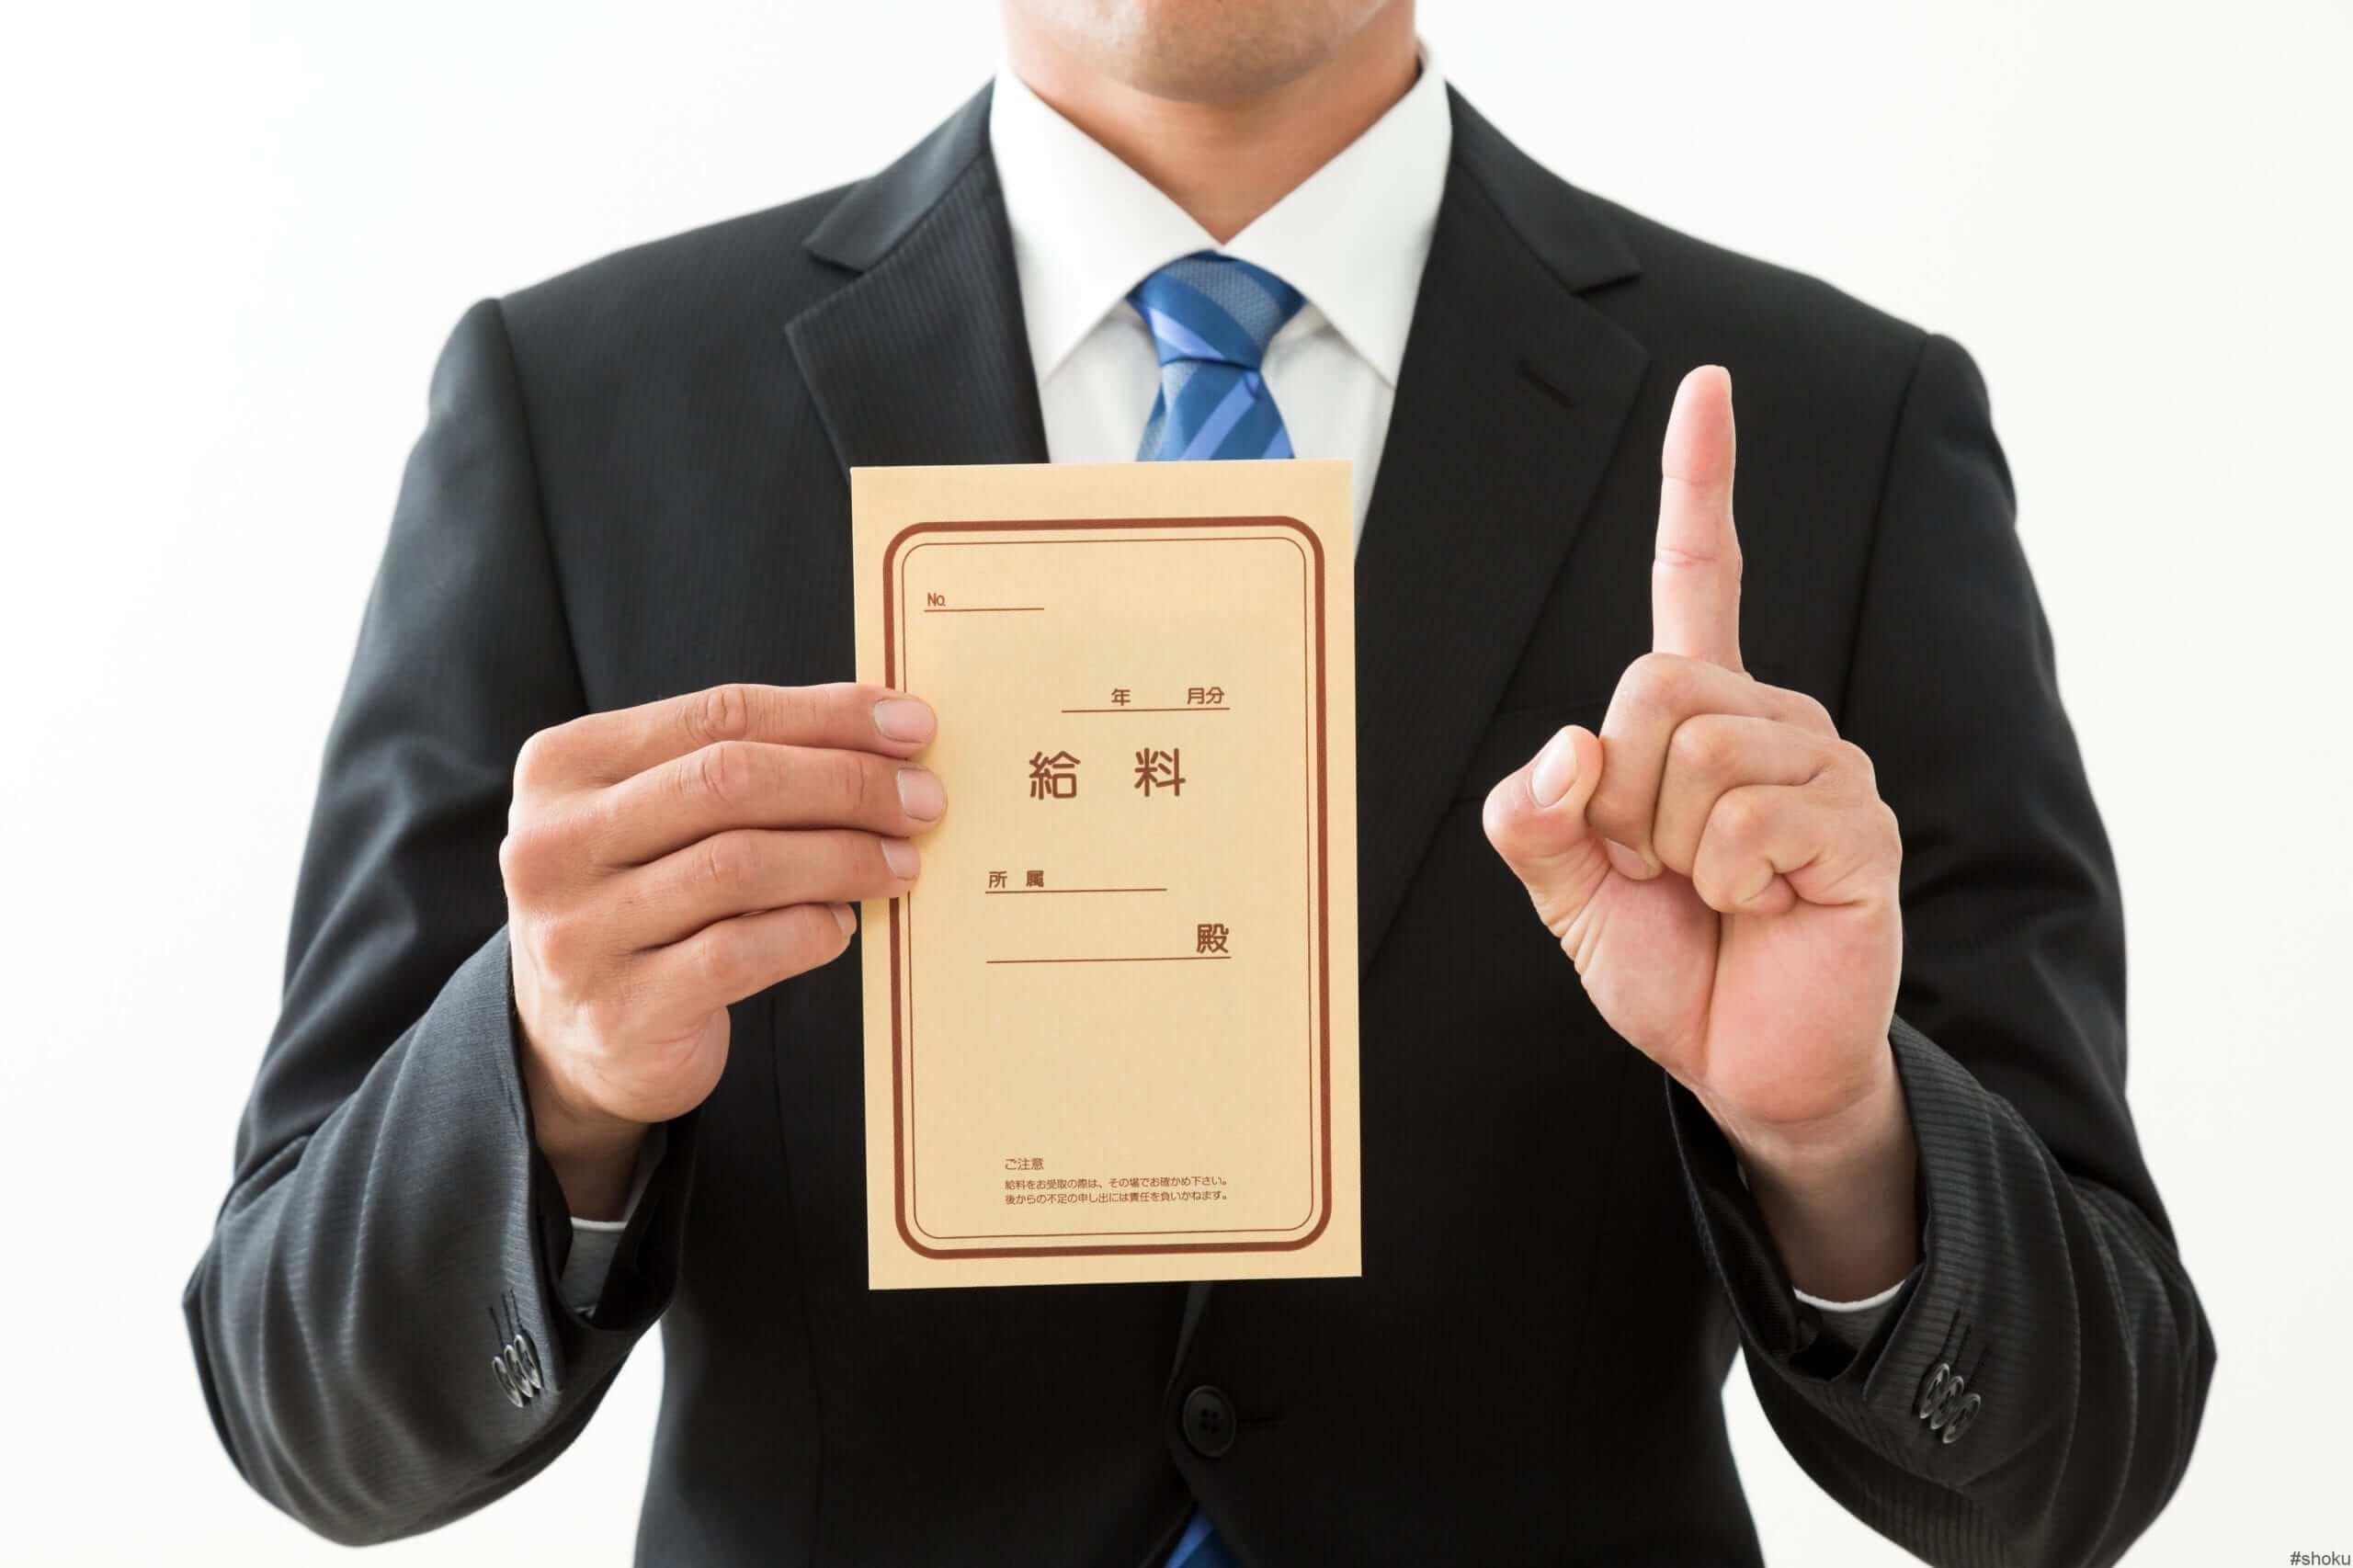 総務事務の給与や年収を理解した上で働くことが大事!